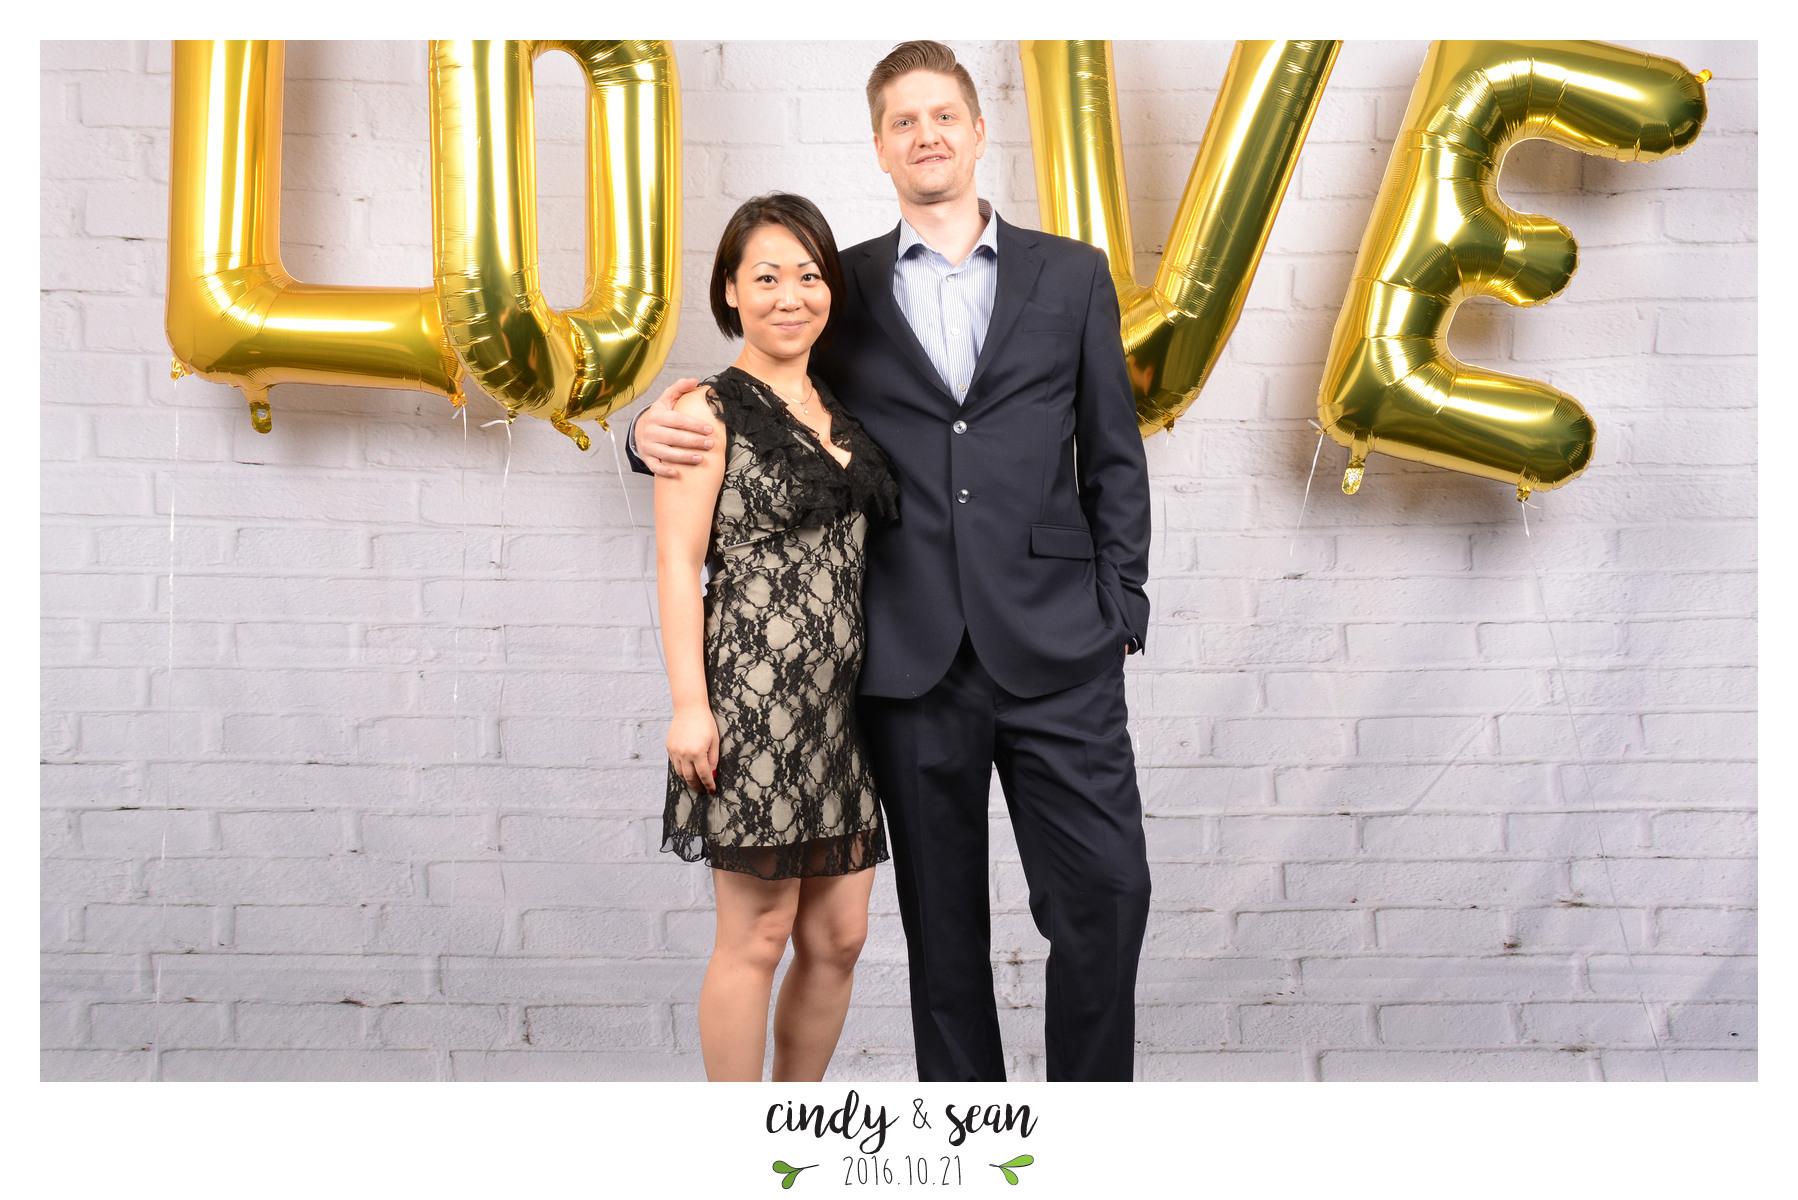 Cindy Sean Bae - 0001-12.jpg